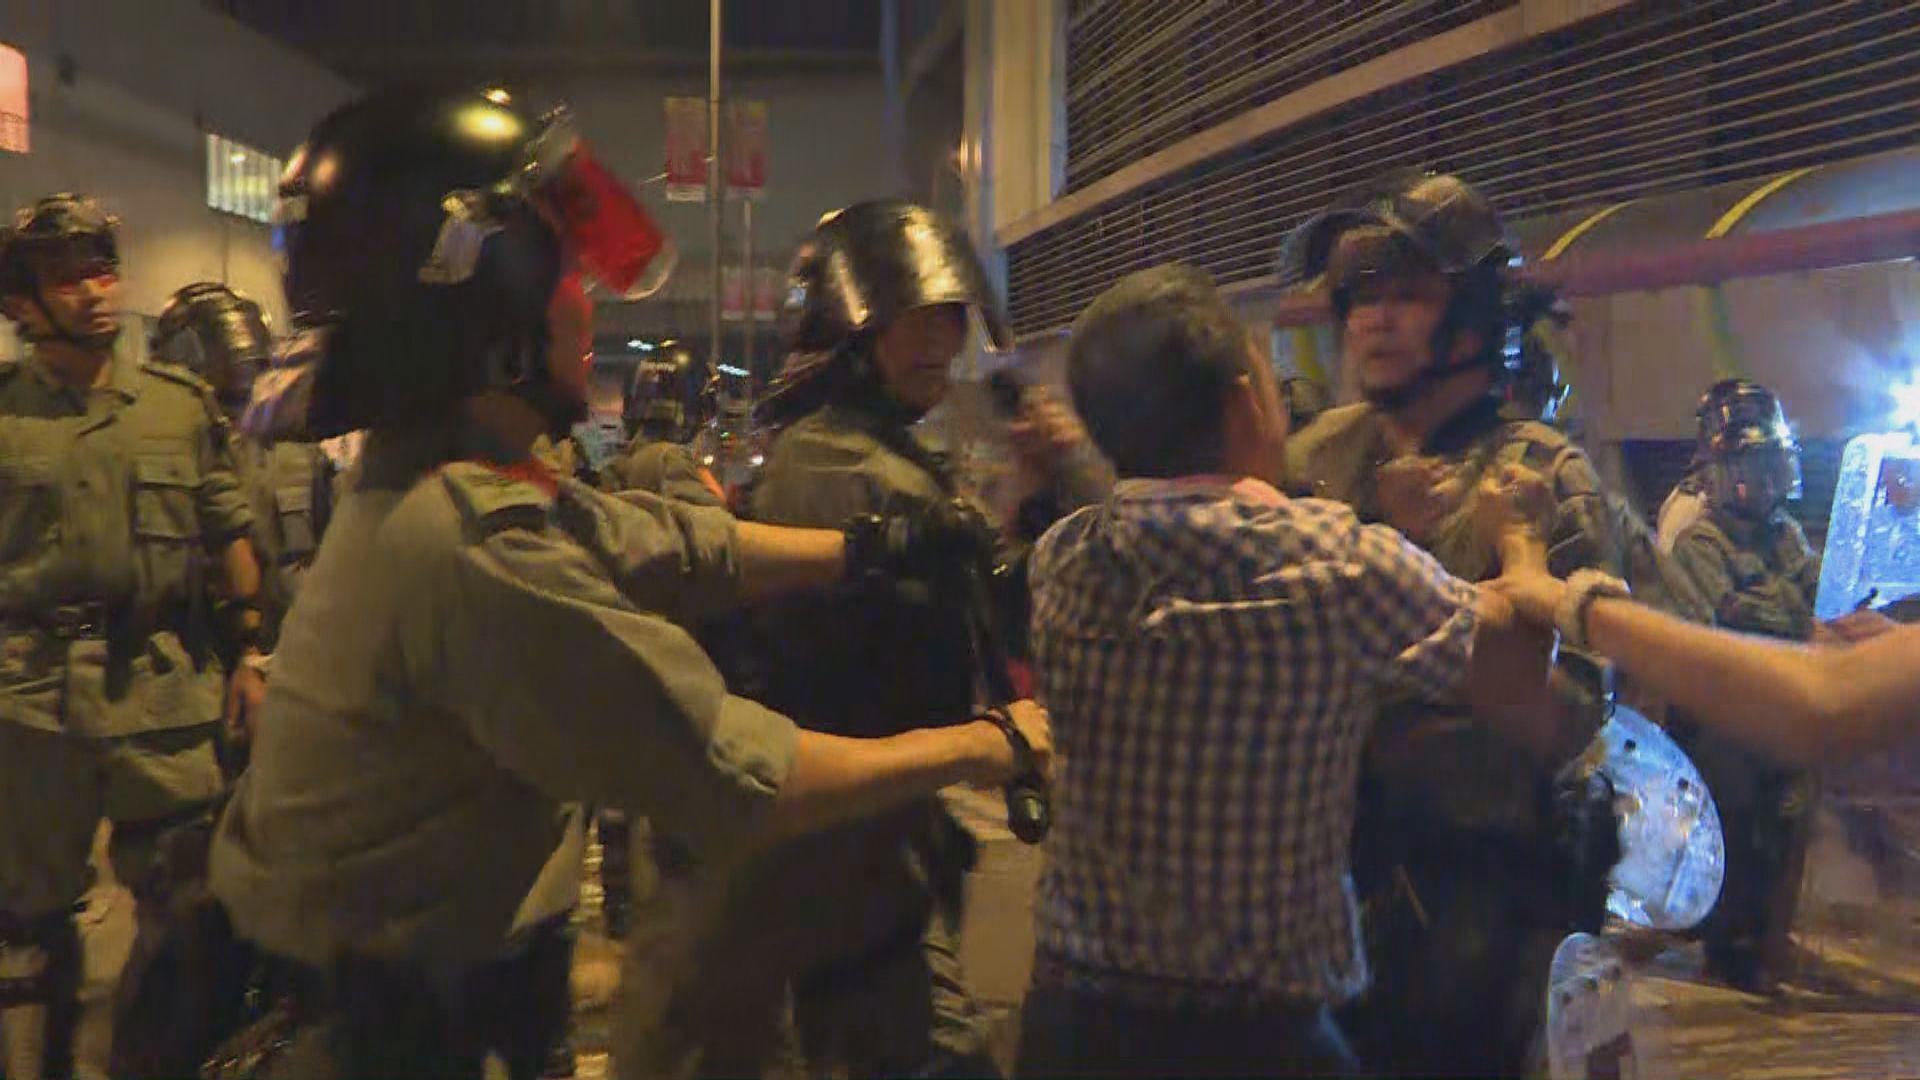 示威者杯渡路堵路 防暴警出動驅散